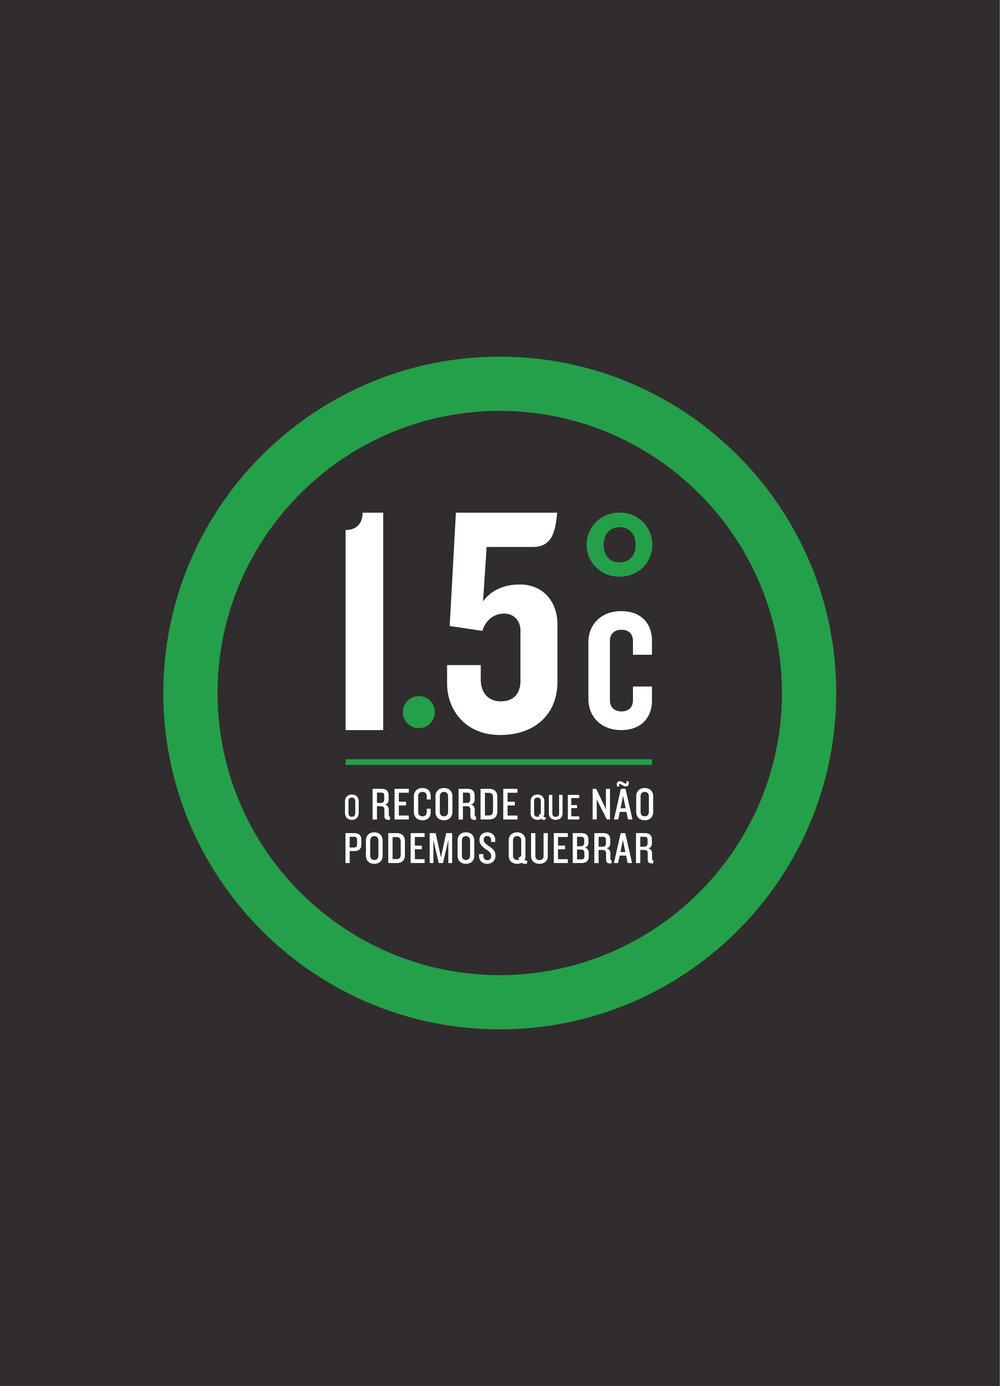 1.5C_A4_CircleLogo_Portuguese.jpg